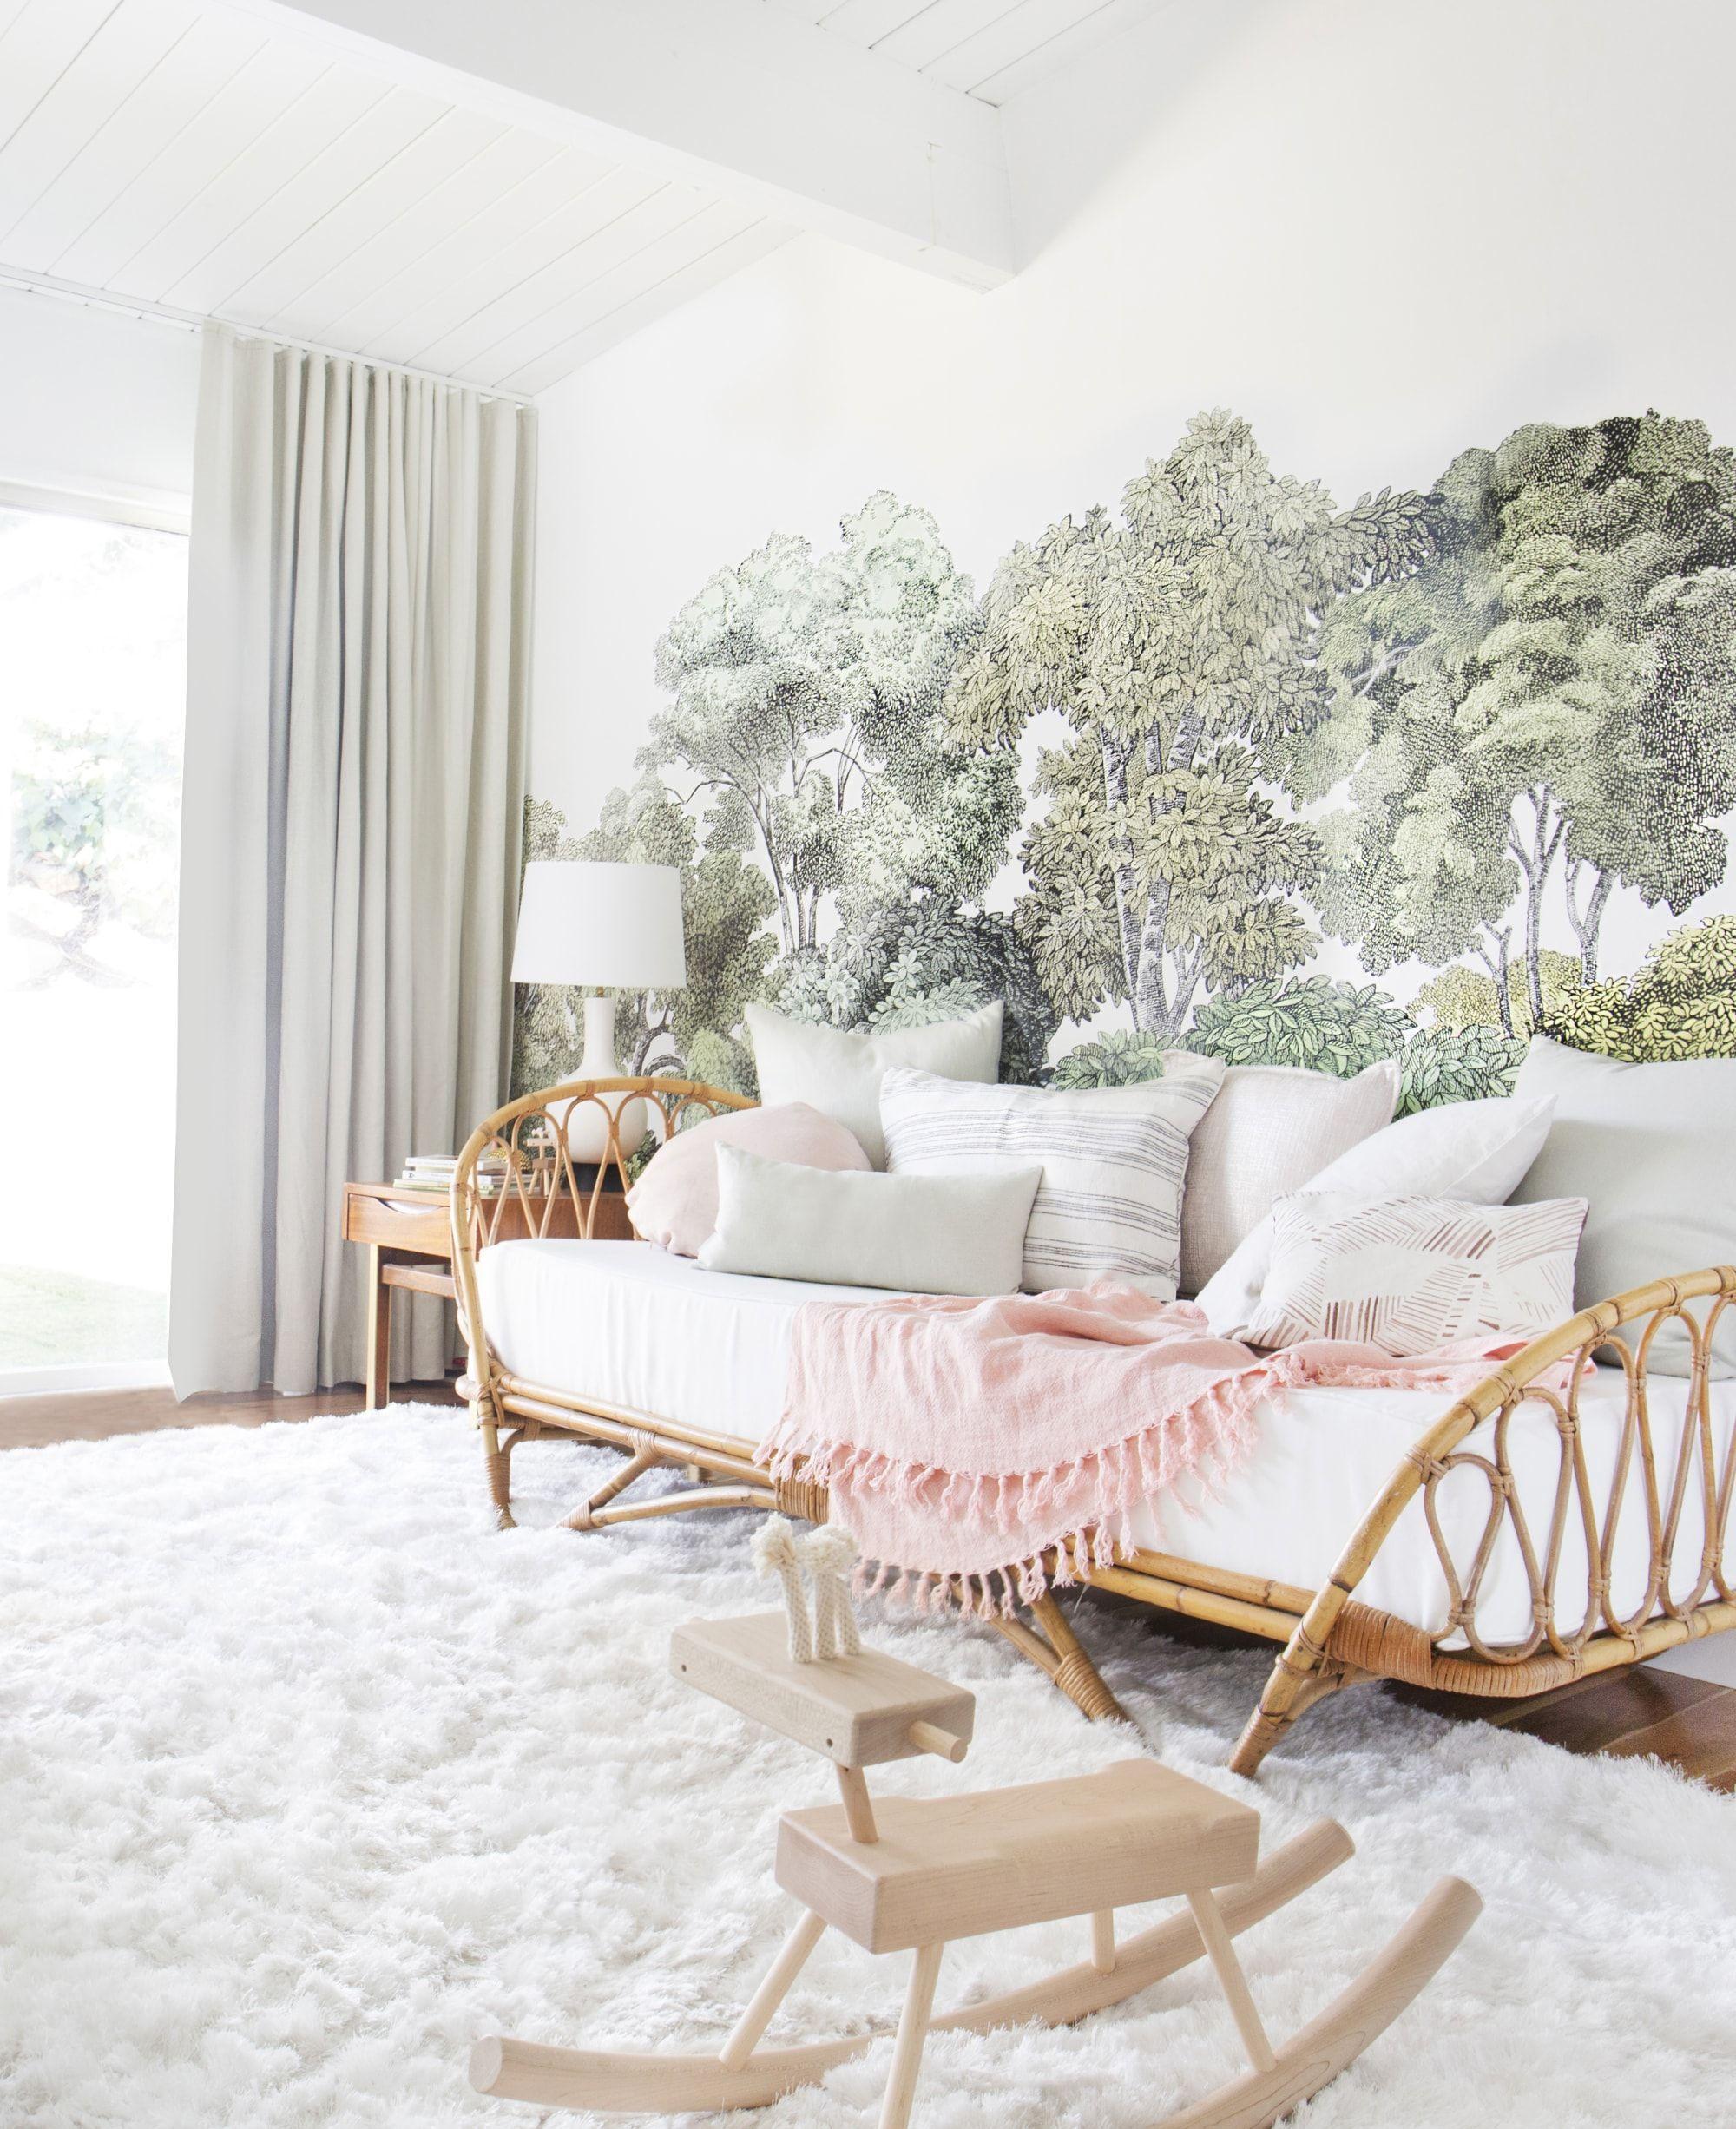 10 Nursery Ideas That Aren't Cliché Wallpaper living